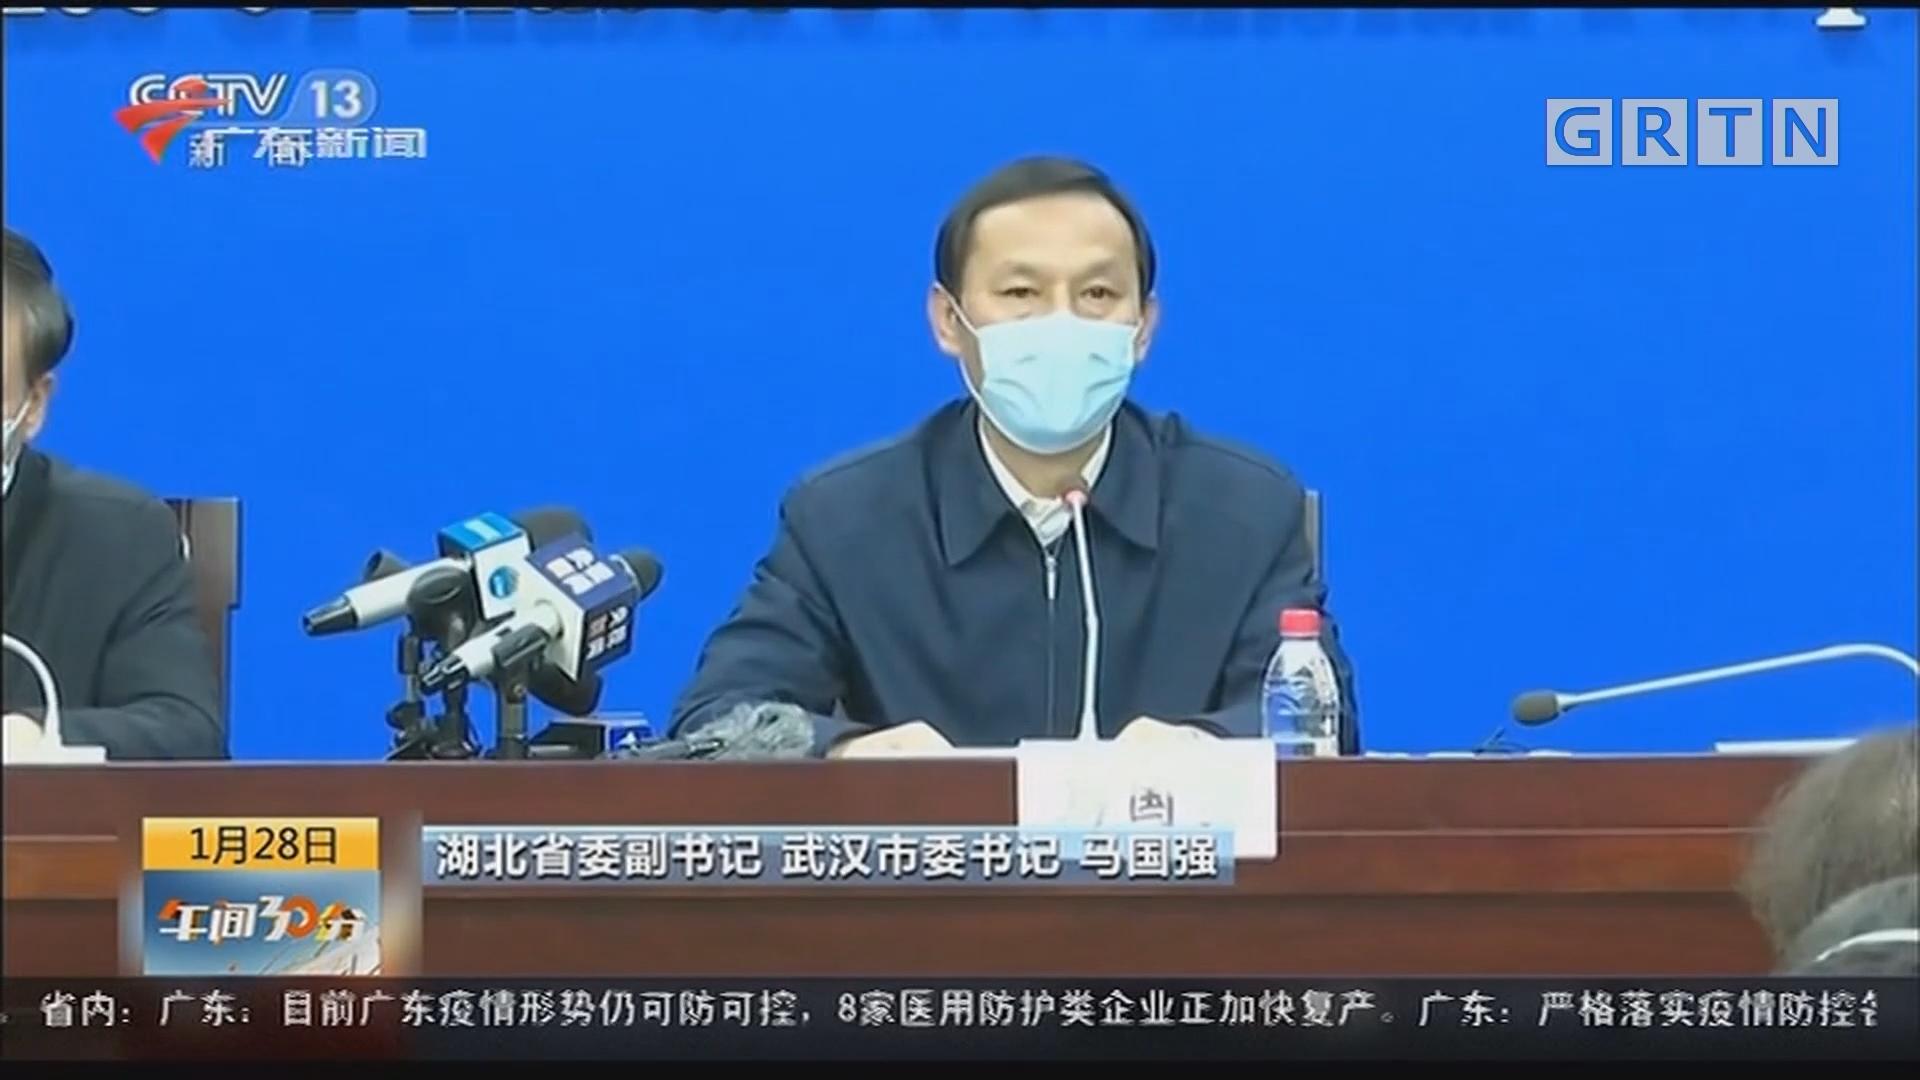 湖北省委副书记 武汉市委书记 马国强:高峰时就诊超1.5万人 目前有缓解